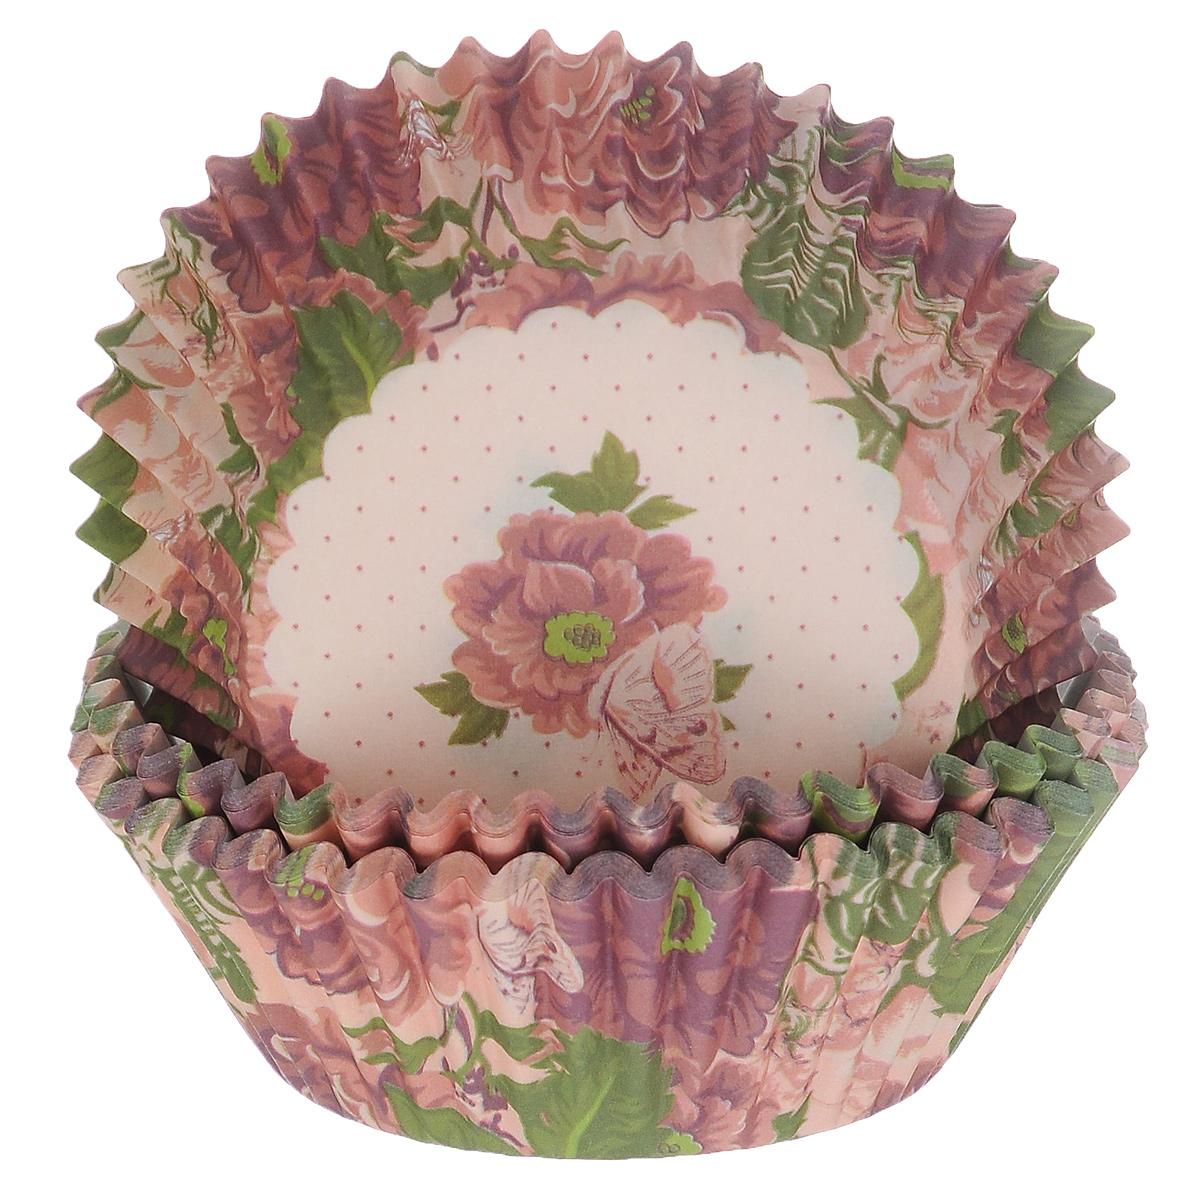 Набор бумажных форм для кексов Dolce Arti Букет, цвет: сиреневый, розовый, диаметр 5 см, 50 штDA080212Набор Dolce Arti Букет состоит из 50 бумажных форм для кексов, оформленных красочным цветочным изображением. Они предназначены для выпечки и упаковки кондитерских изделий, также могут использоваться для сервировки орешков, конфет и многого другого. Для одноразового применения. Гофрированные бумажные формы идеальны для выпечки кексов, булочек и пирожных. Высота стенки: 3 см. Диаметр (по верхнему краю): 7 см.